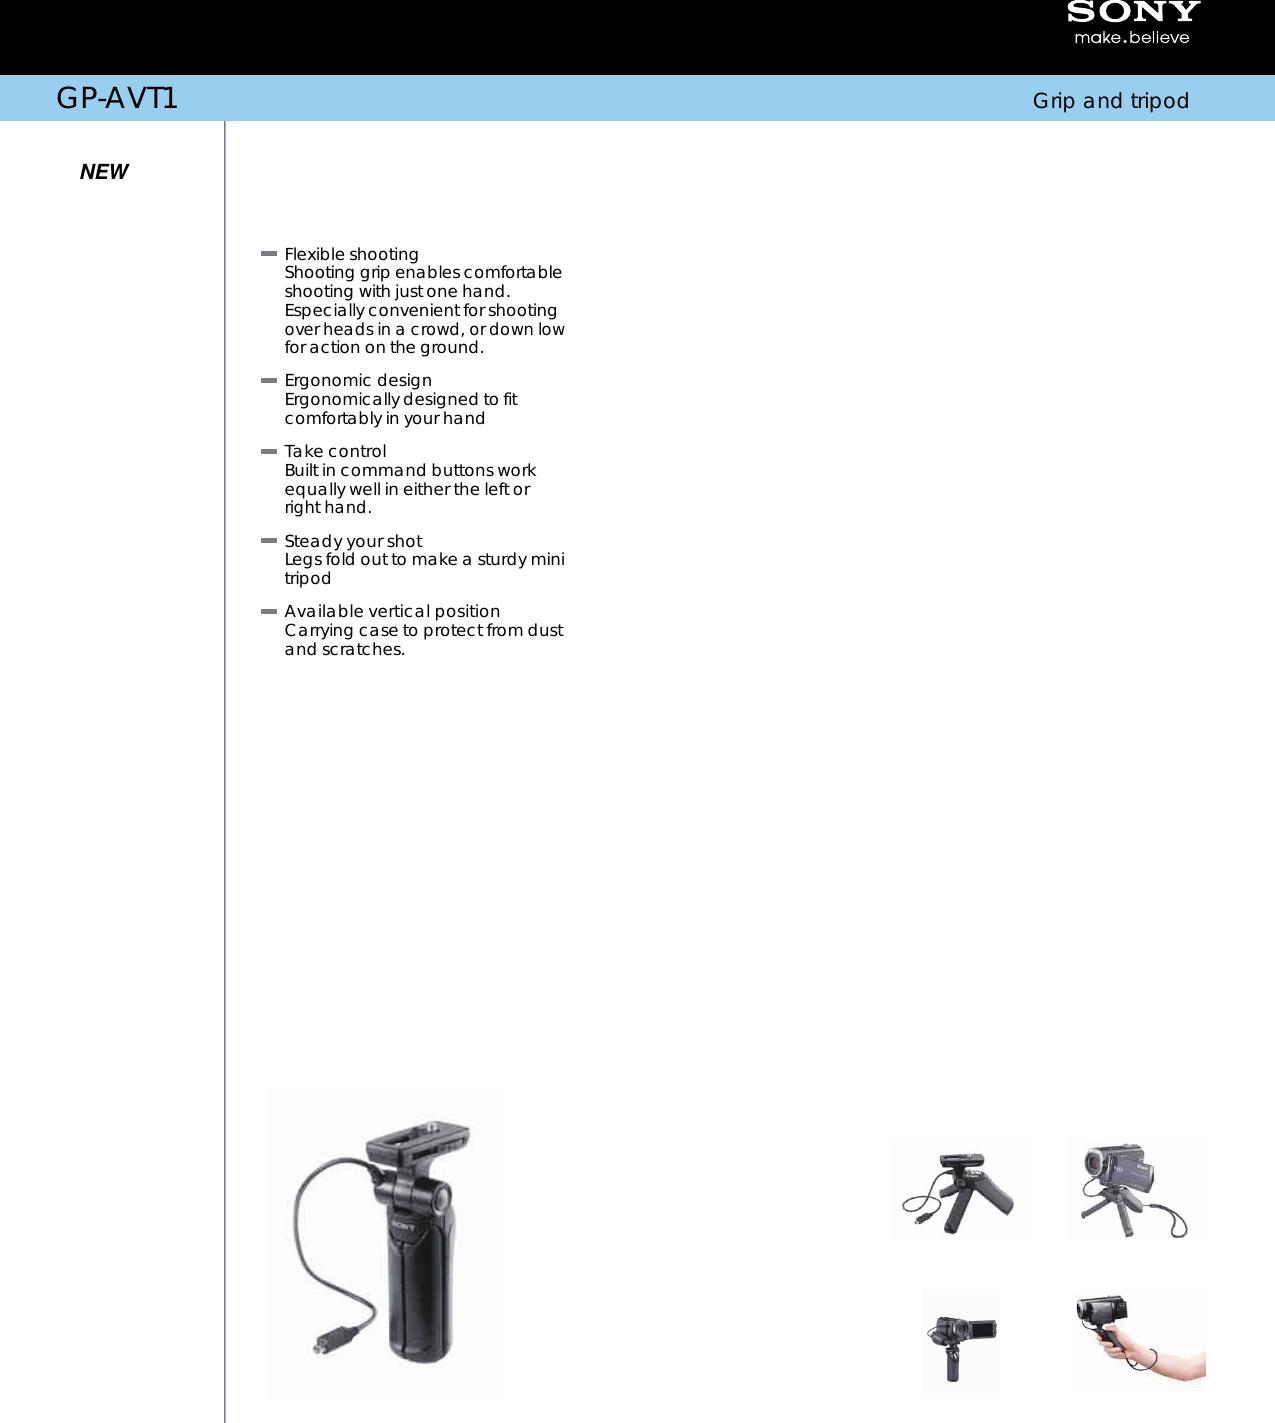 Sony GP AVT1 User Manual Marketing Specifications GPAVT1 Mksp